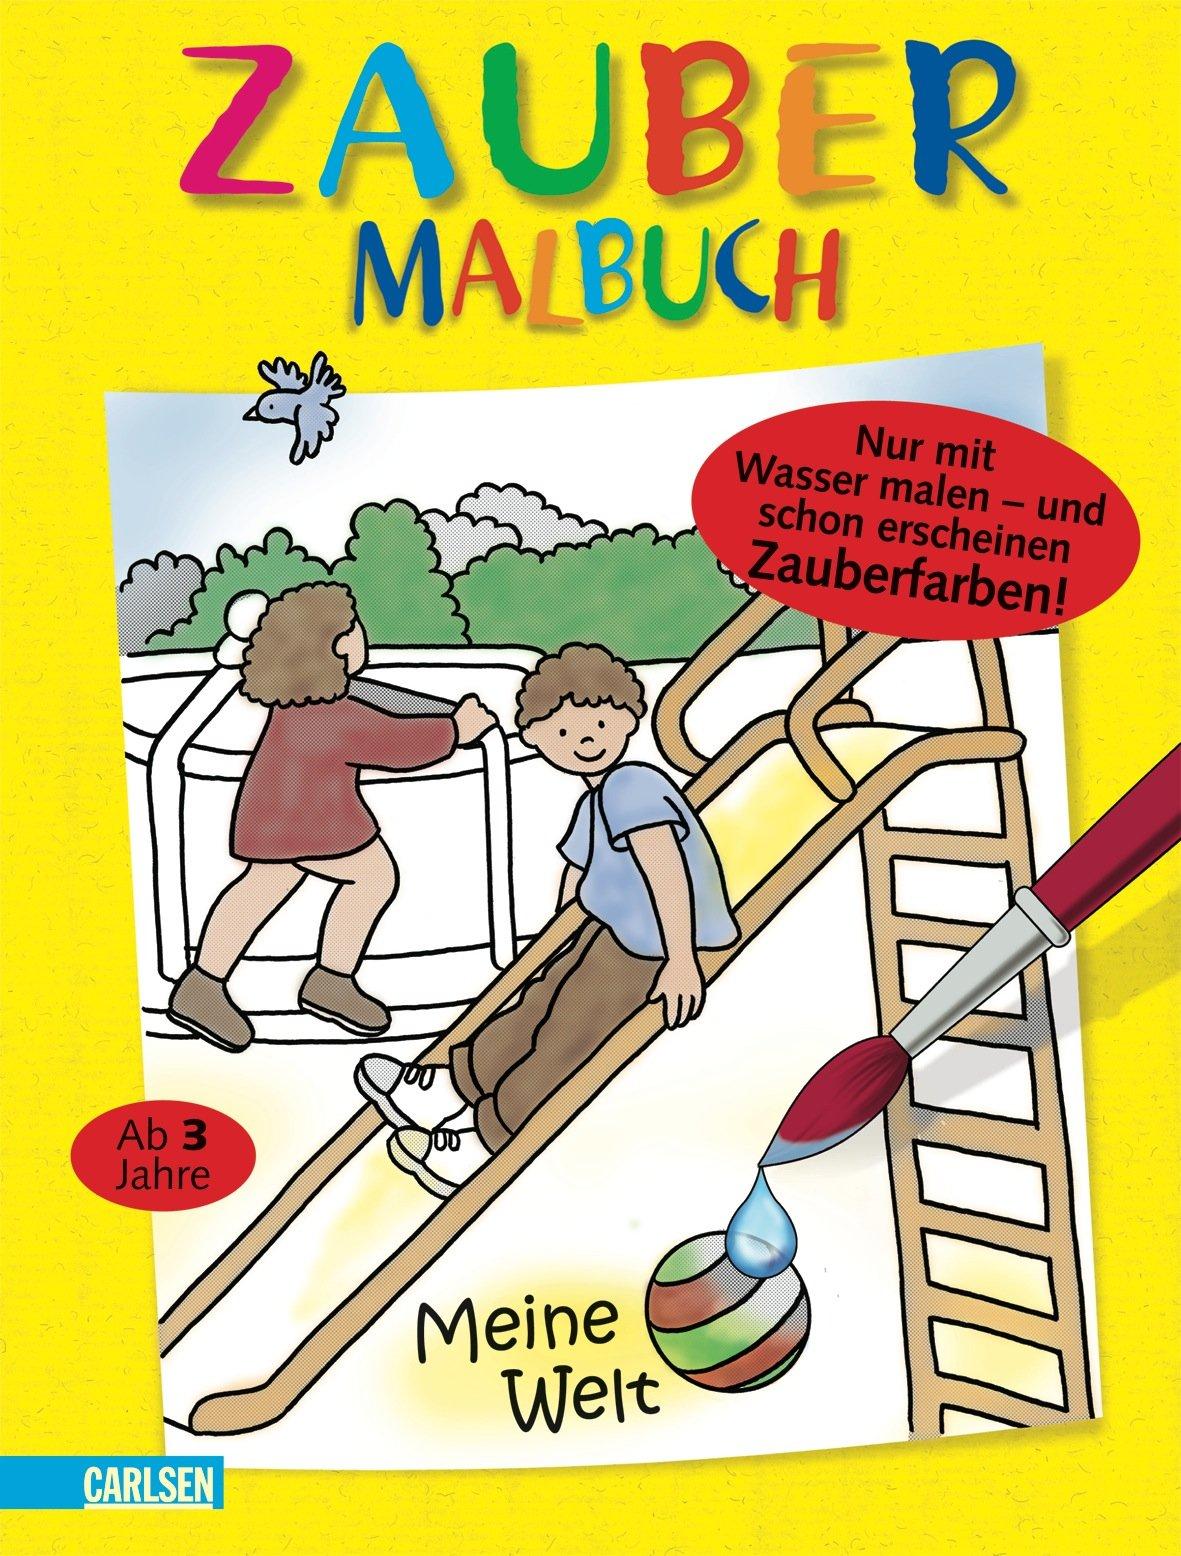 Nett Malen Mit Wasser Malbüchern Bilder - Malvorlagen Von Tieren ...